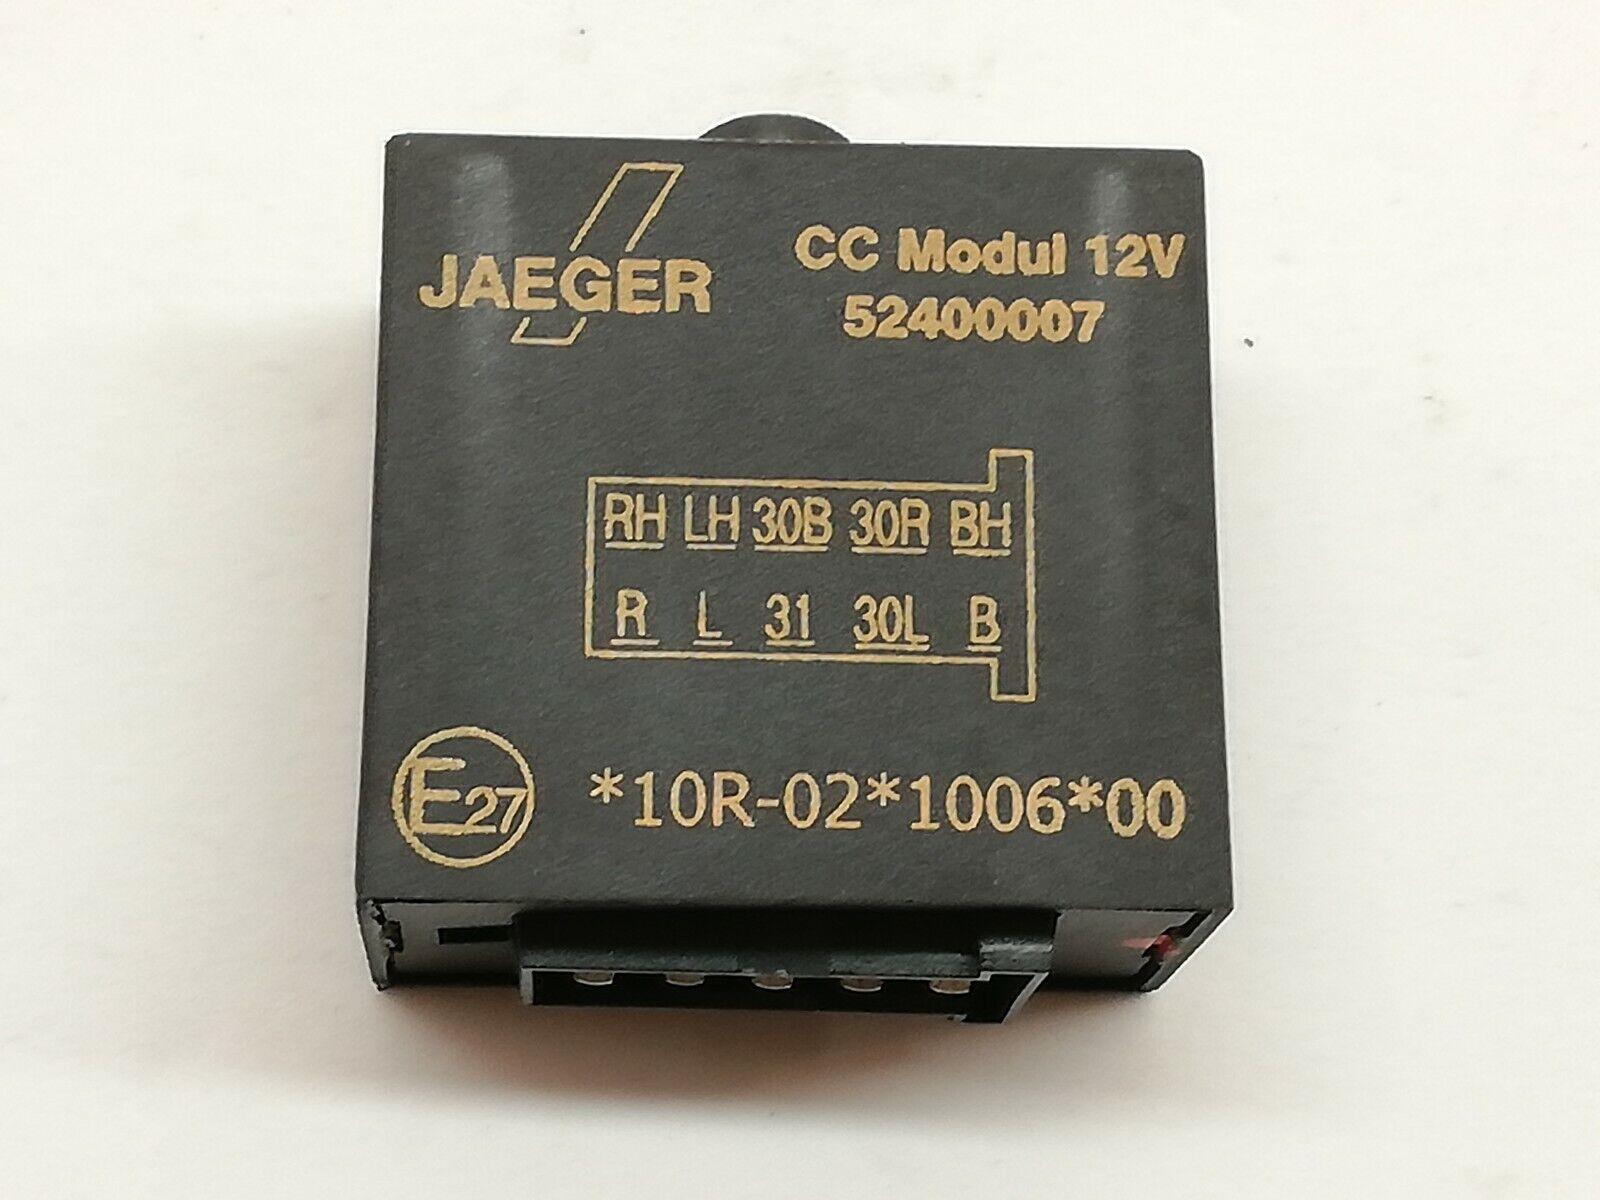 JAEGER automotive 52400007 CC Modul